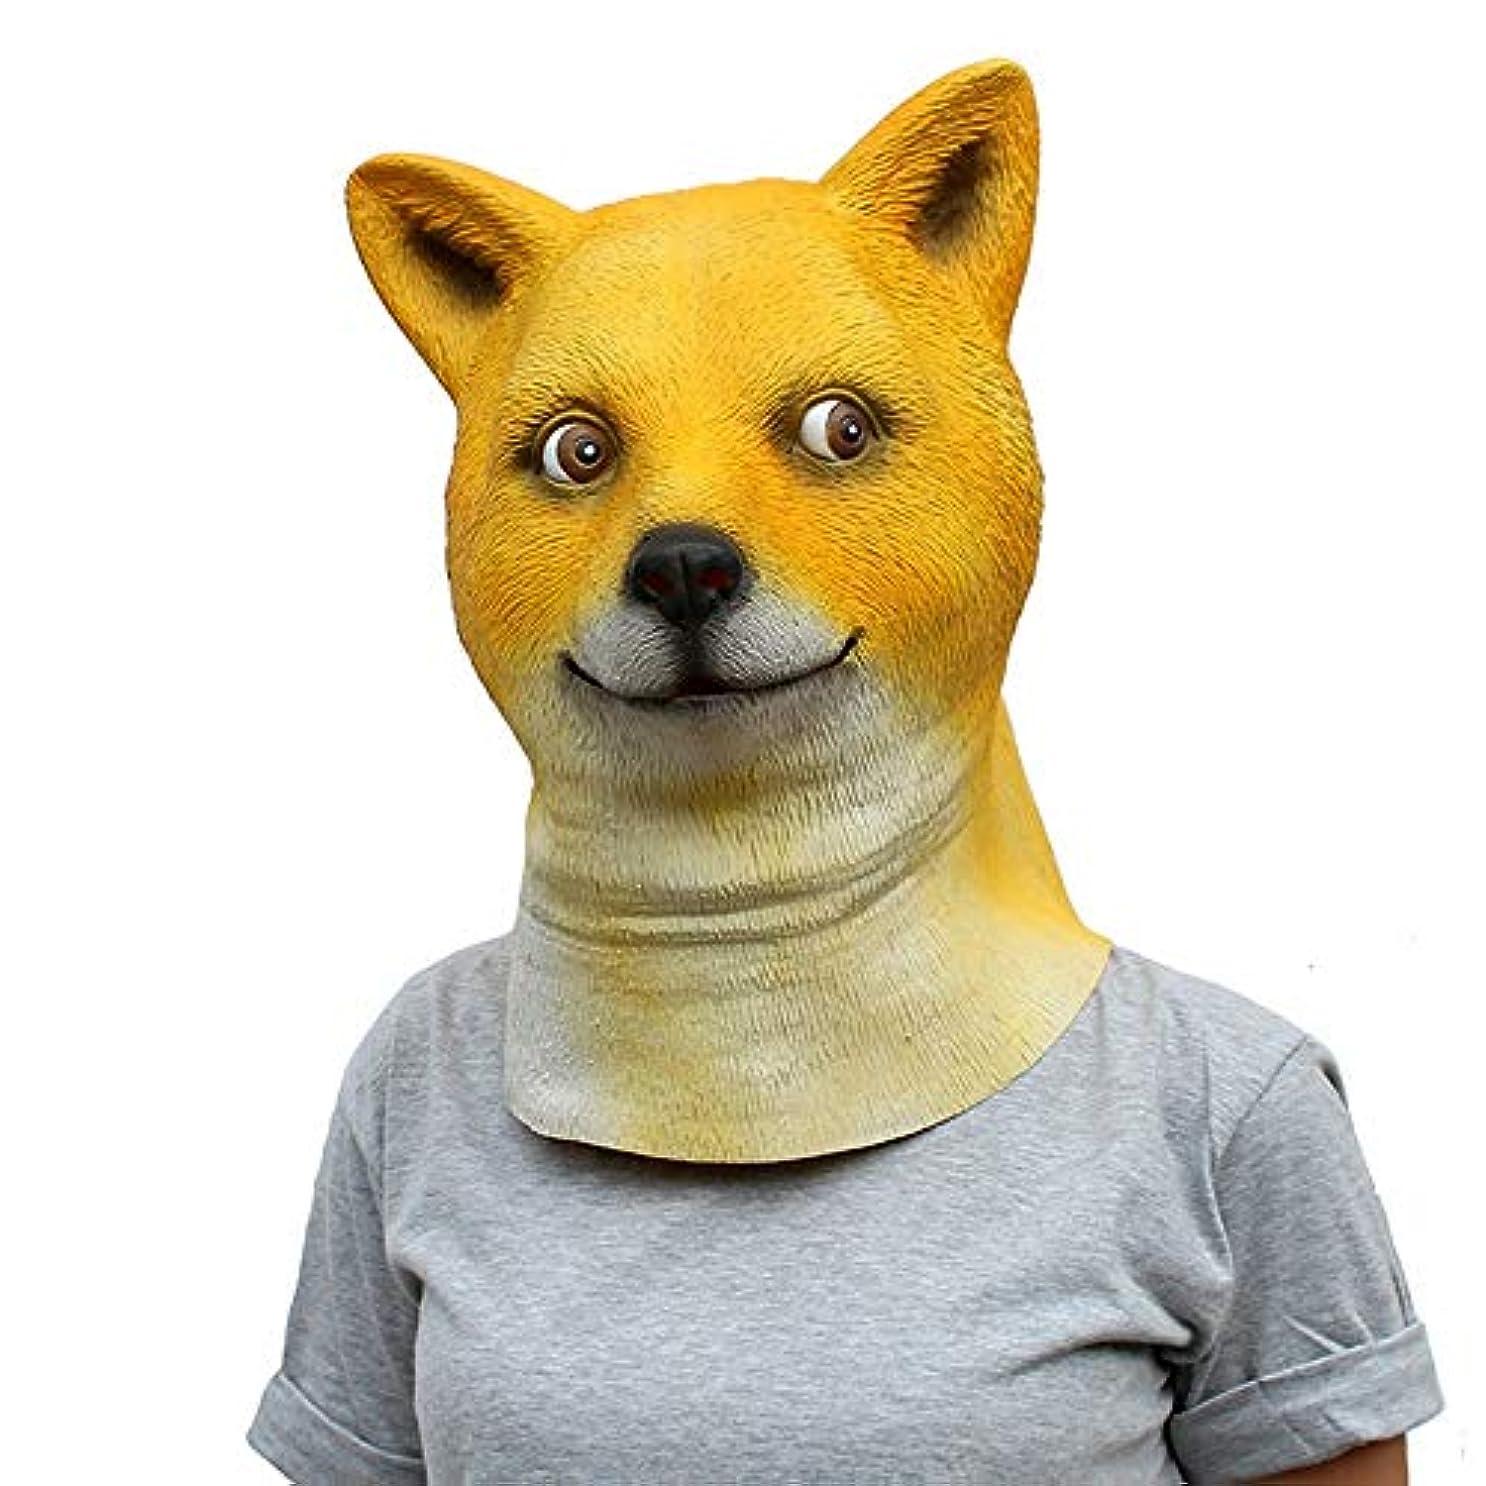 面面倒十二ハロウィンラテックスマスクかわいい犬ヘッドマスクバーダンスパーティー小道具フェイスマスク